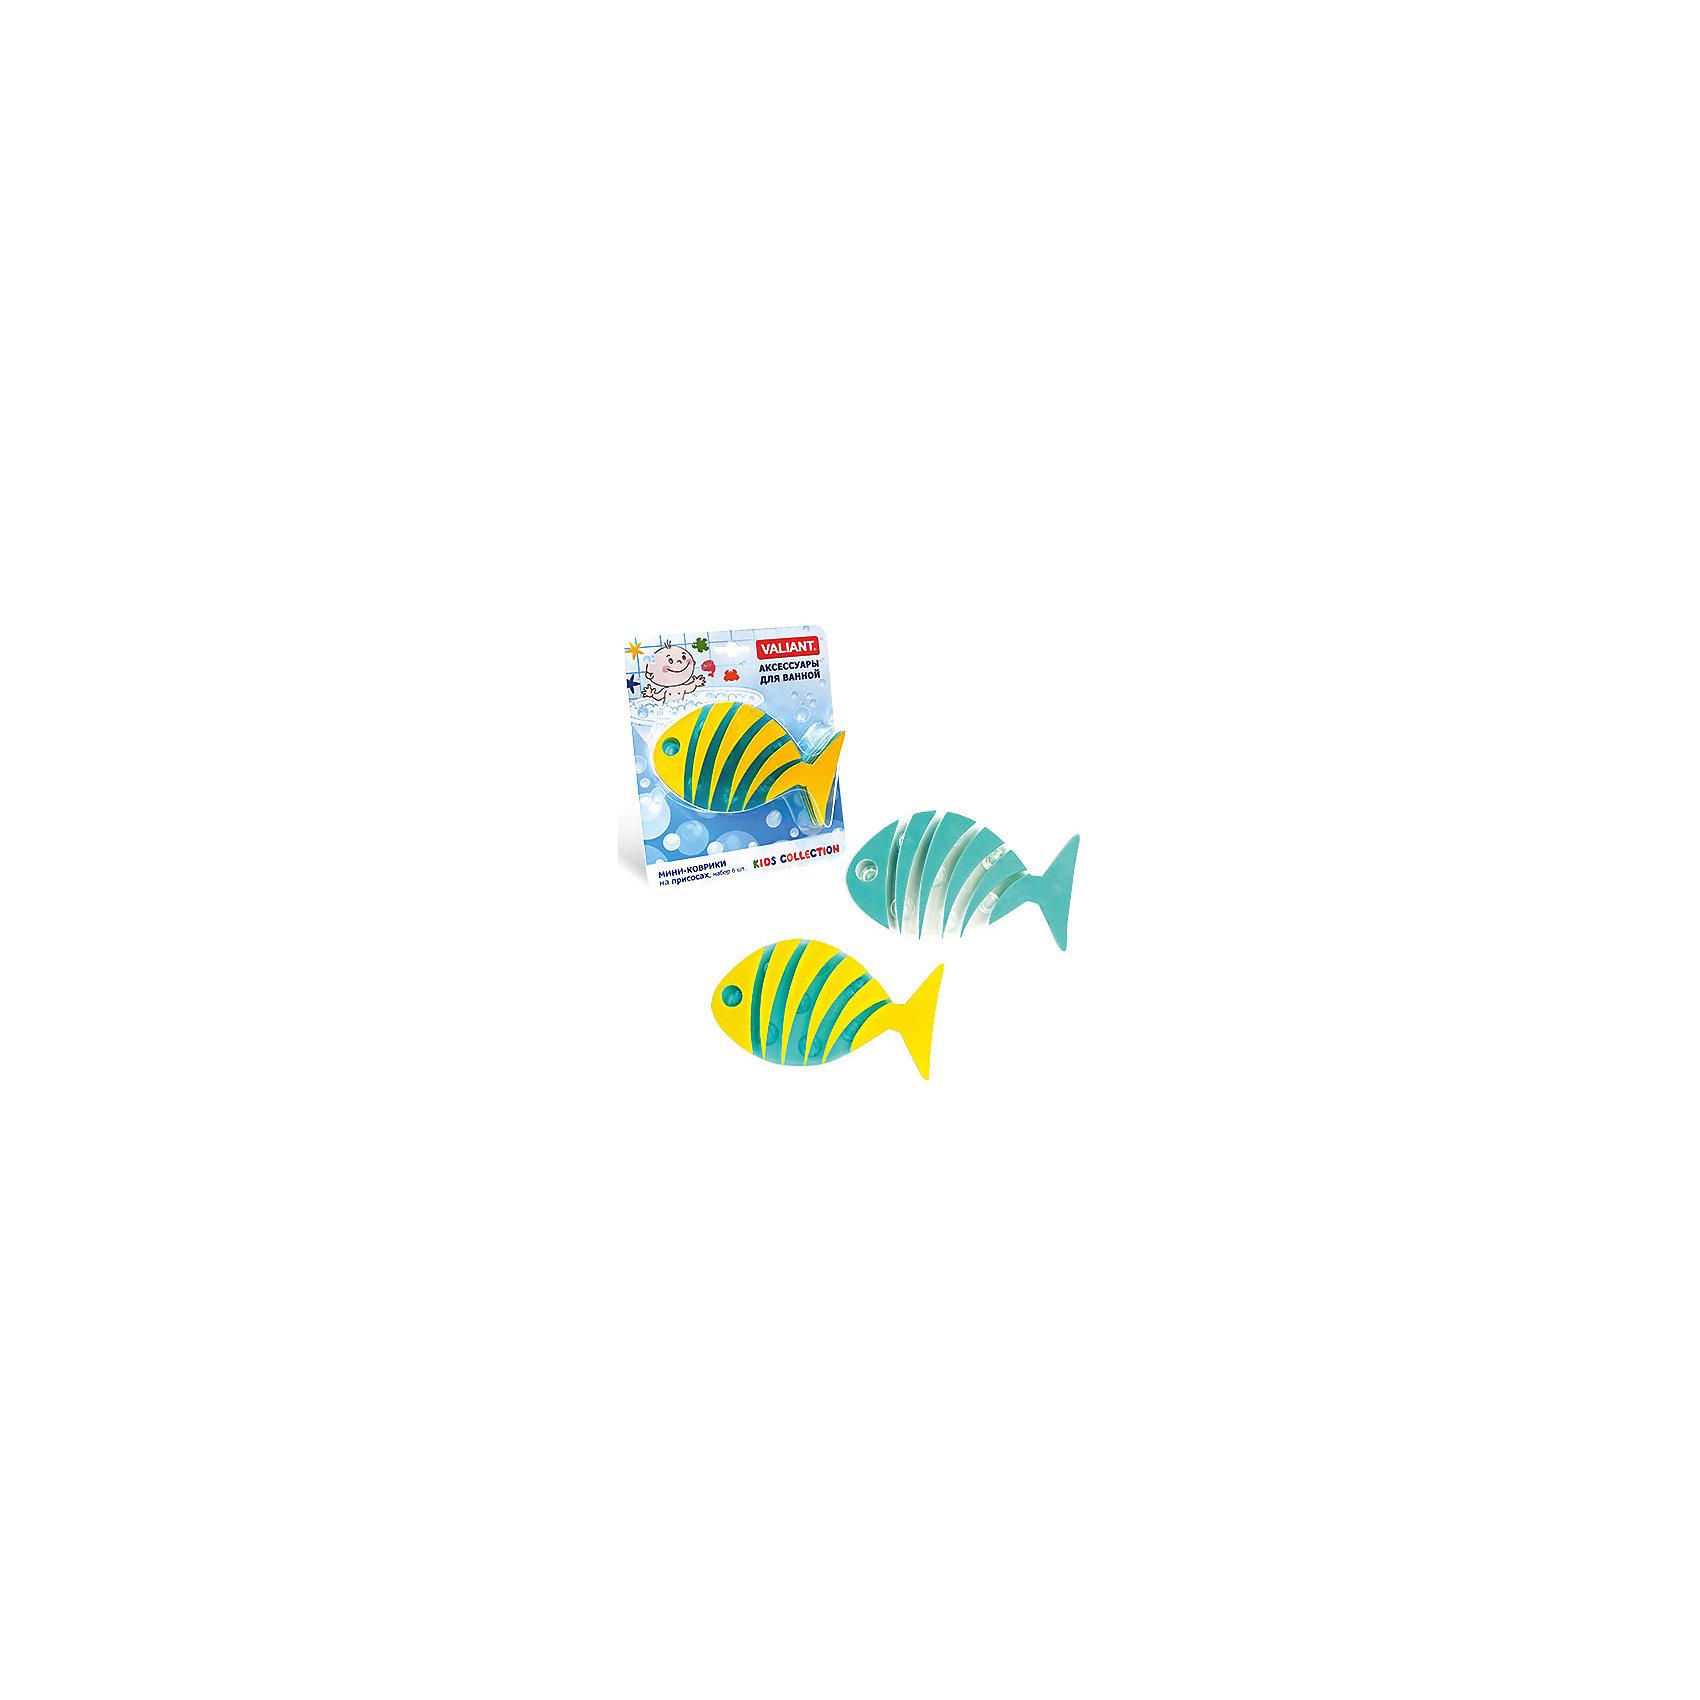 Набор ковриков Полосатая рыба на присосках (6 шт)Ванная комната<br>Мини-коврики для ванной комнаты - это яркое дополнение к купанию малыша. Это и игра и развитие моторики и изучение зверушек. <br>Колоссальный и постоянно растущий спрос на них обусловлен реакцией малышей и их мам на данное изобретение по всему миру.<br>Мини-коврики снабжены присосками и превосходно клеятся на влажный кафель.<br><br>Ширина мм: 170<br>Глубина мм: 35<br>Высота мм: 200<br>Вес г: 175<br>Возраст от месяцев: -2147483648<br>Возраст до месяцев: 2147483647<br>Пол: Унисекс<br>Возраст: Детский<br>SKU: 4563335